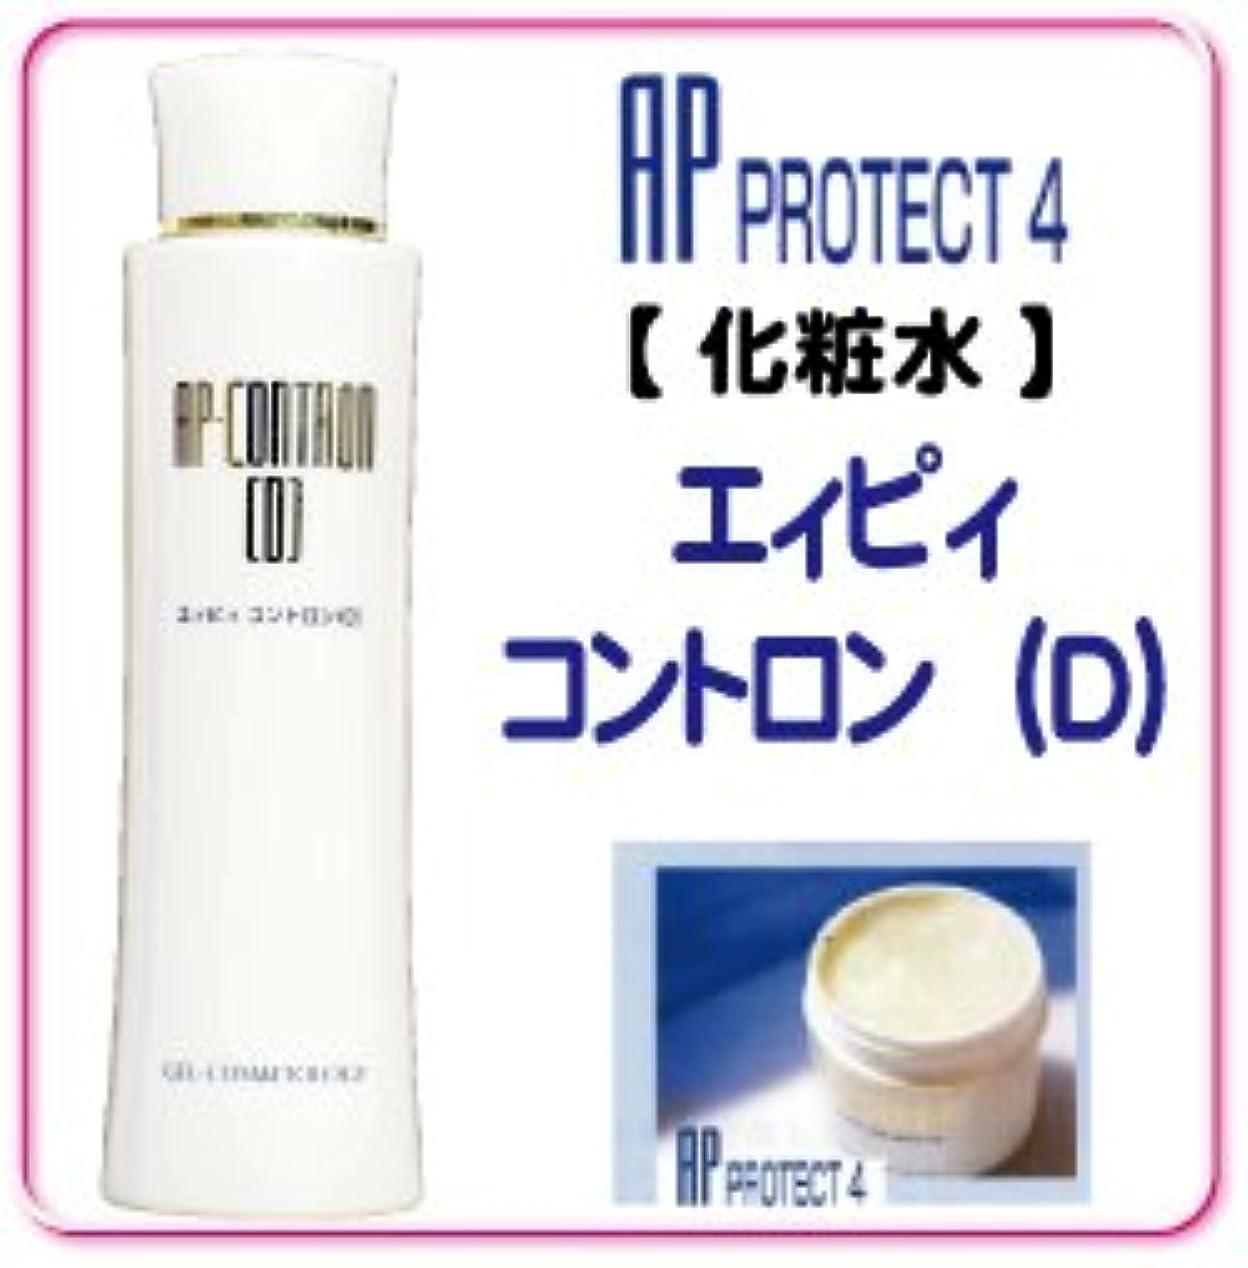 地図ネクタイバインドベルマン化粧品 APprotectシリーズ  エィピィコントロンD